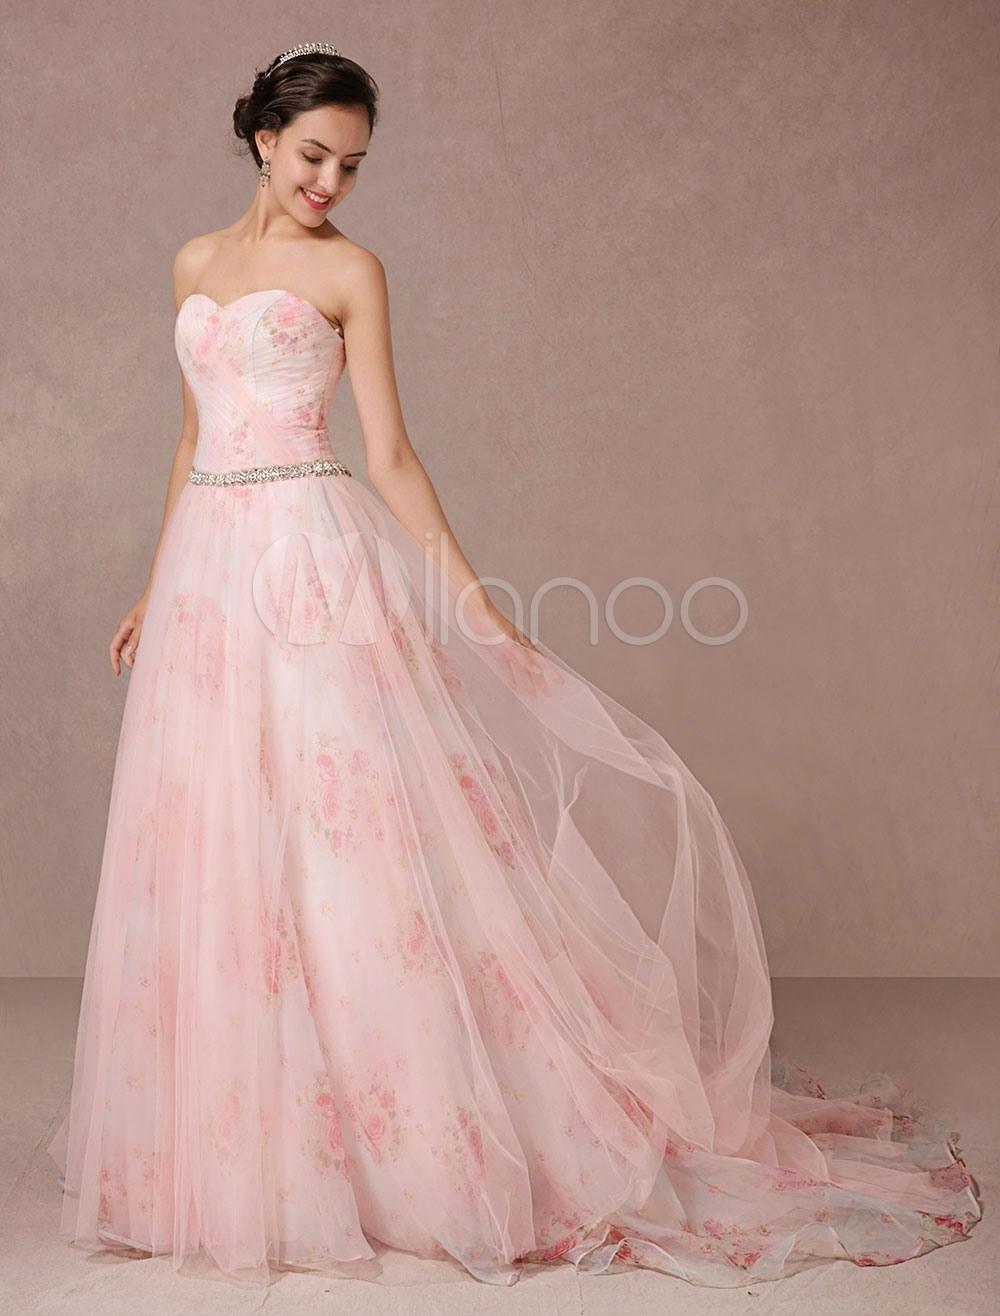 17 Schön Kleid Rosa Hochzeit Spezialgebiet10 Schön Kleid Rosa Hochzeit Boutique